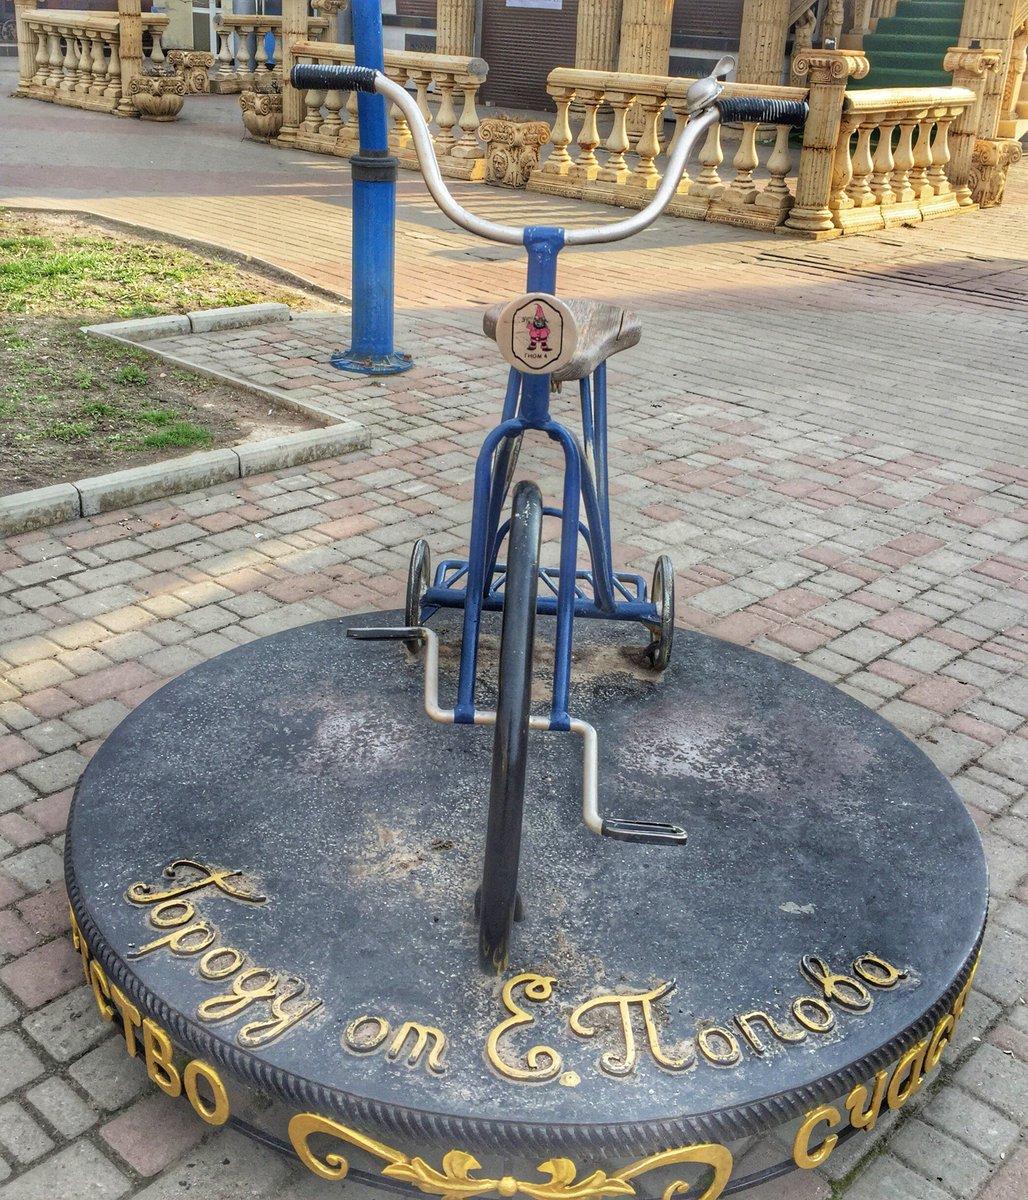 памятник велосипеду бердянск фото ногах него